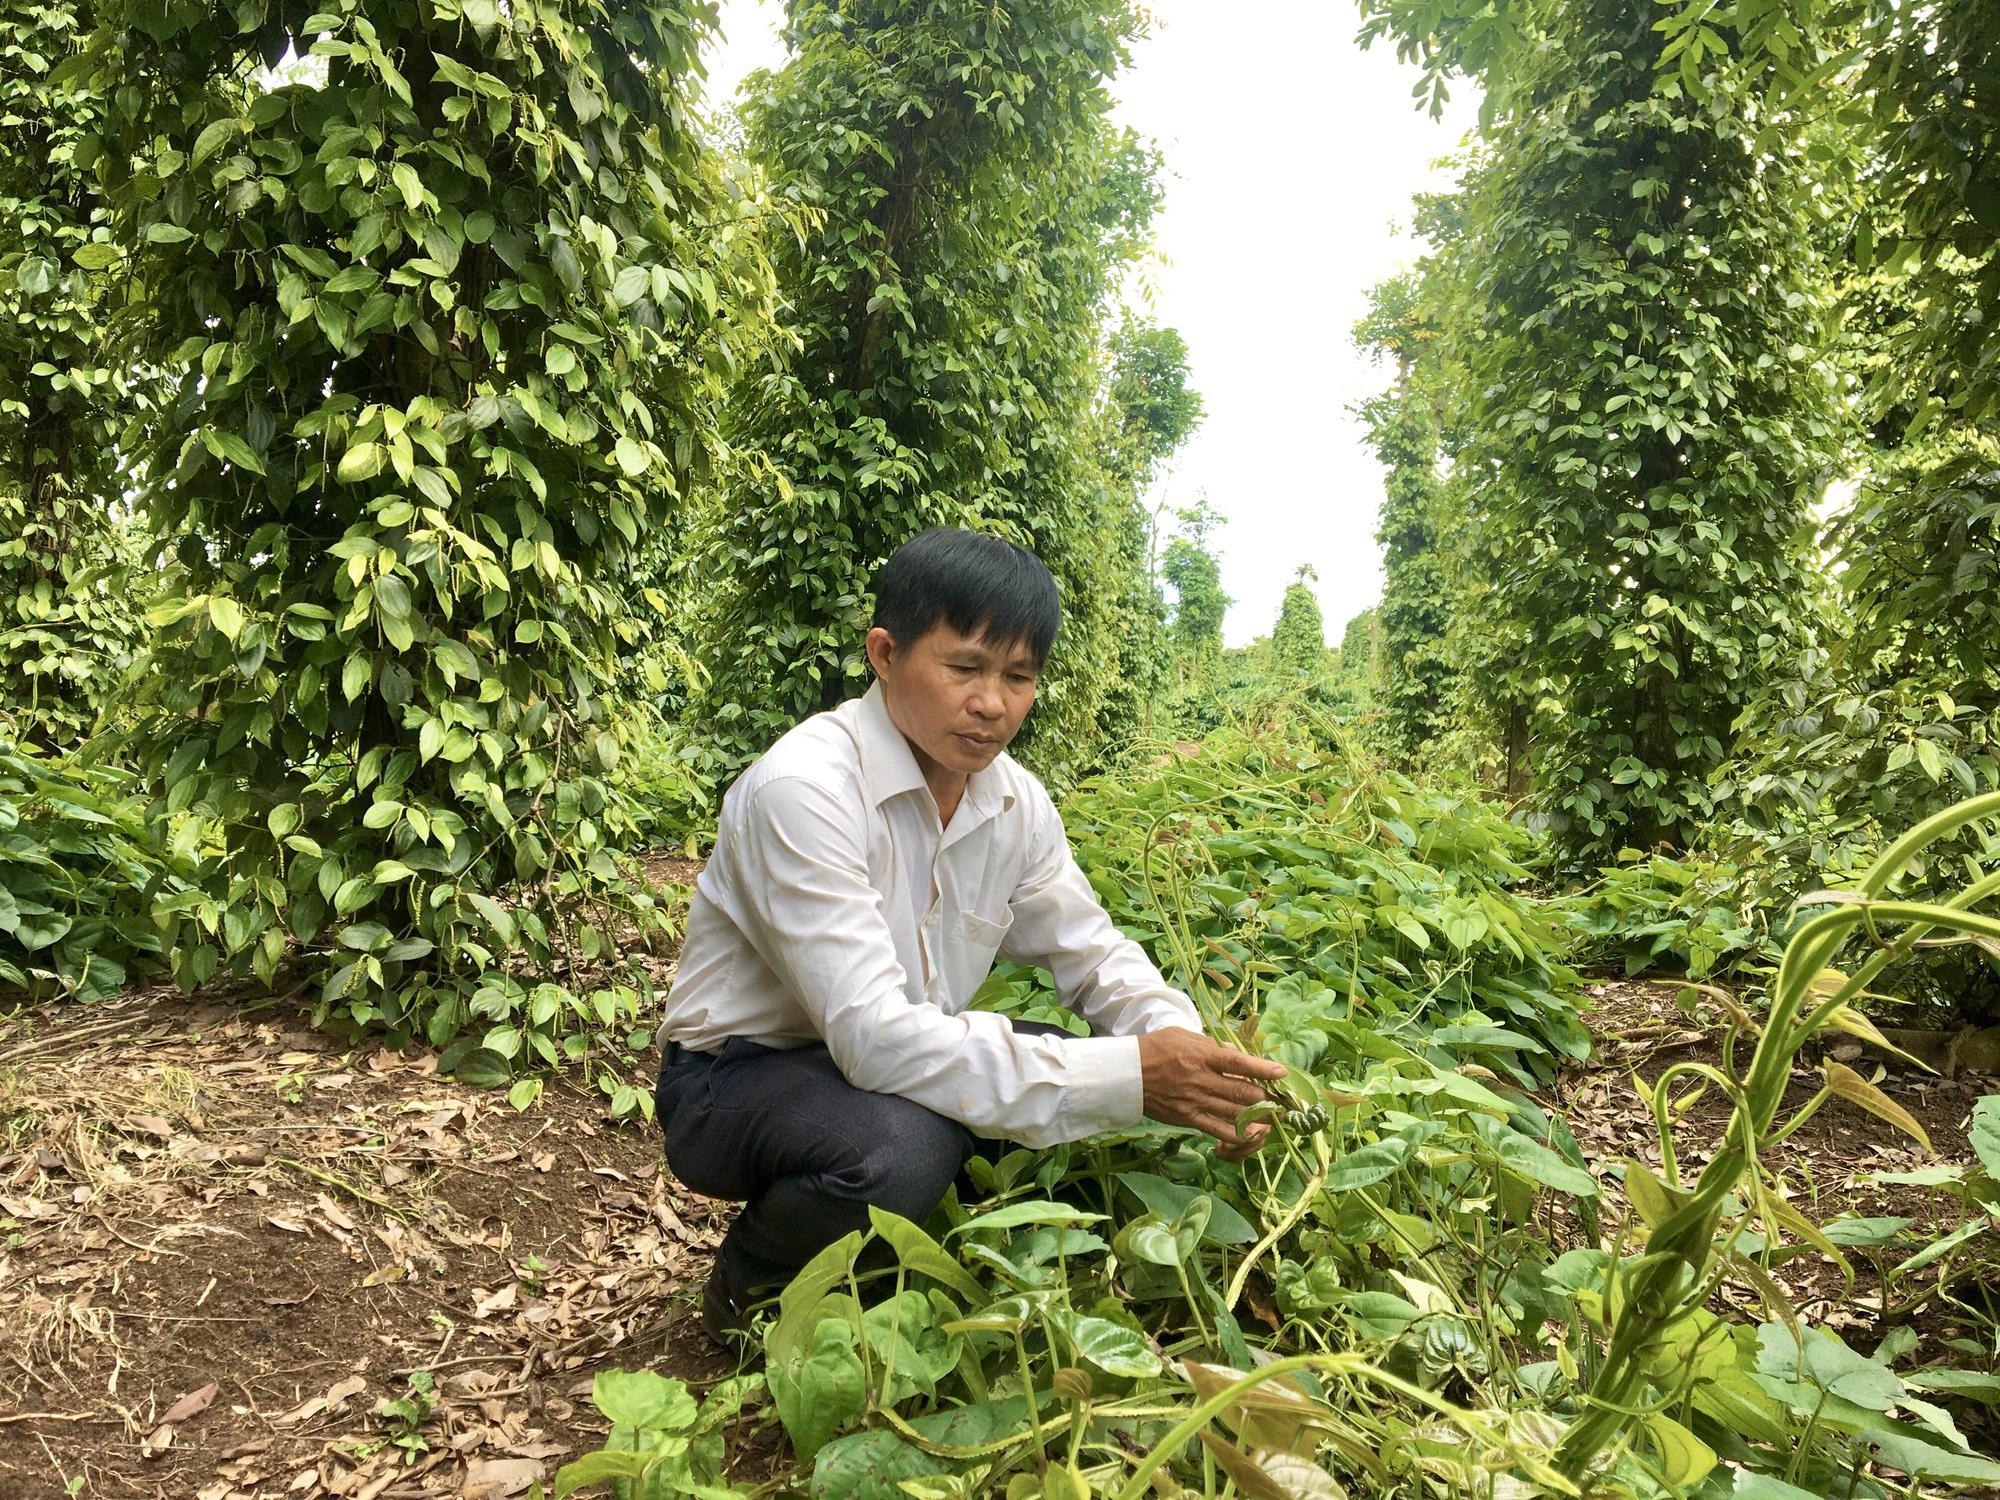 Đắk Lắk: Dân ở đây trồng cây thuốc ra củ rõ dài, mỗi sào đào 8 tấn - Ảnh 3.